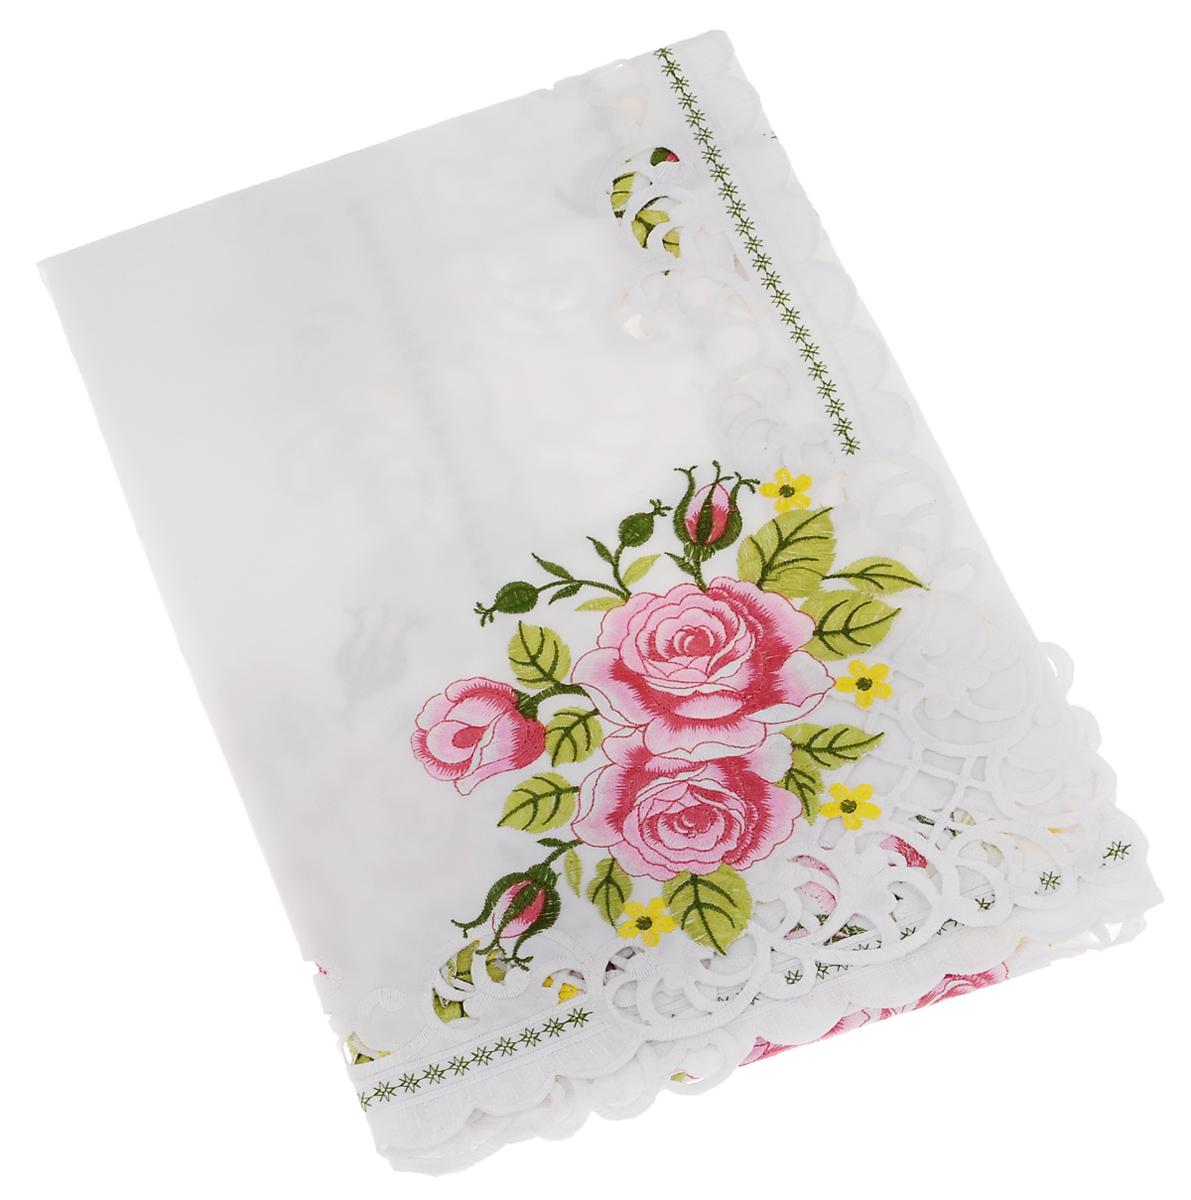 Скатерть Schaefer, квадратная, цвет: белый, розовый, желтый, 100 х 100 см. 07562-102 скатерть schaefer квадратная цвет бежевый 85 x 85 см 06939 100